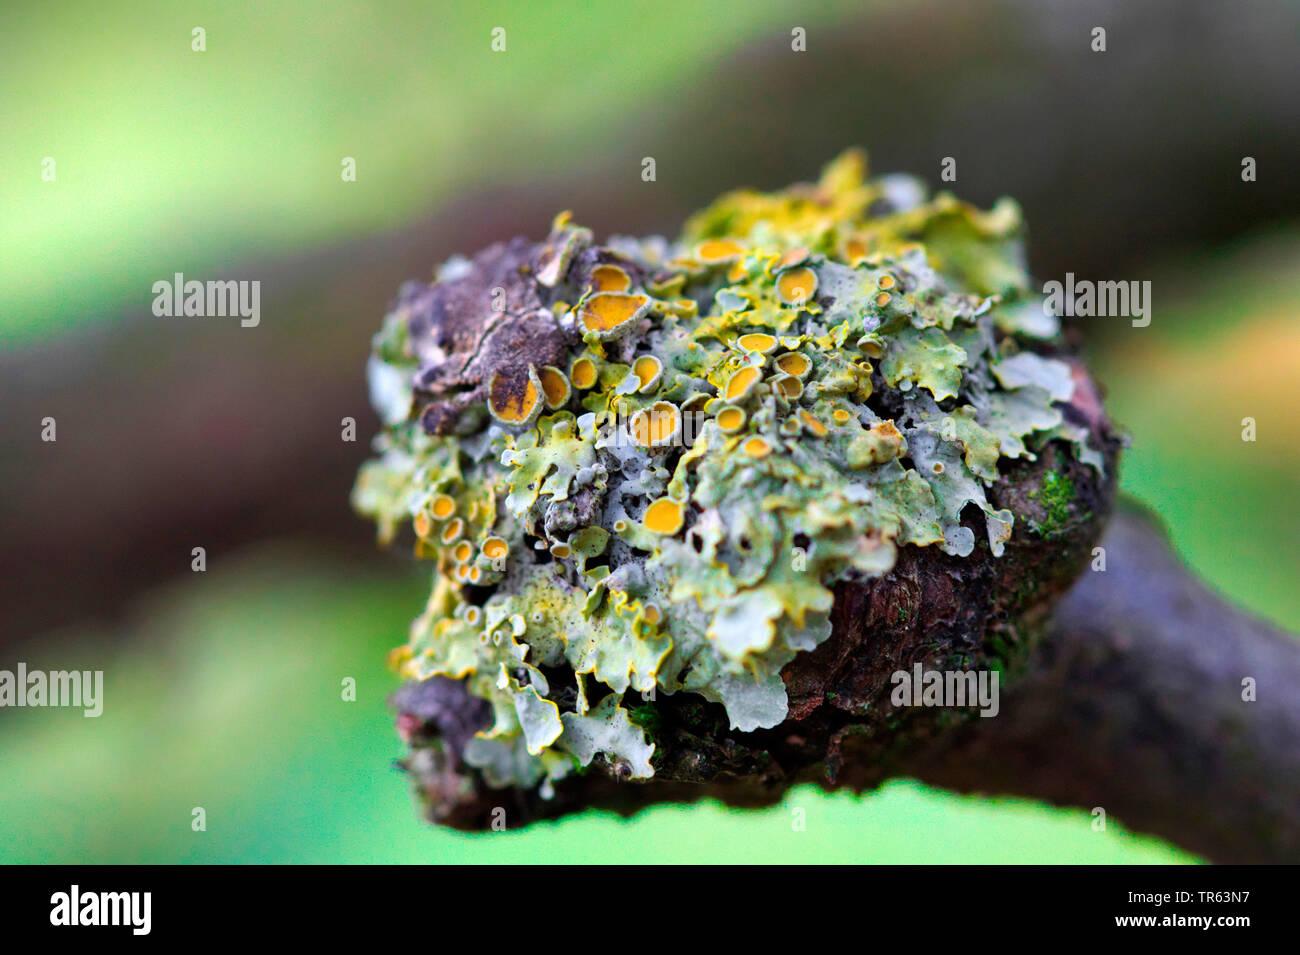 Gewoehnliche Gelbflechte, Gelbflechte, Gelbe Wandflechte, Goldgelbe Wandflechte, Gelbe Wandschuesselflechte (Xanthoria parietina, Parmelia parietina), - Stock Image